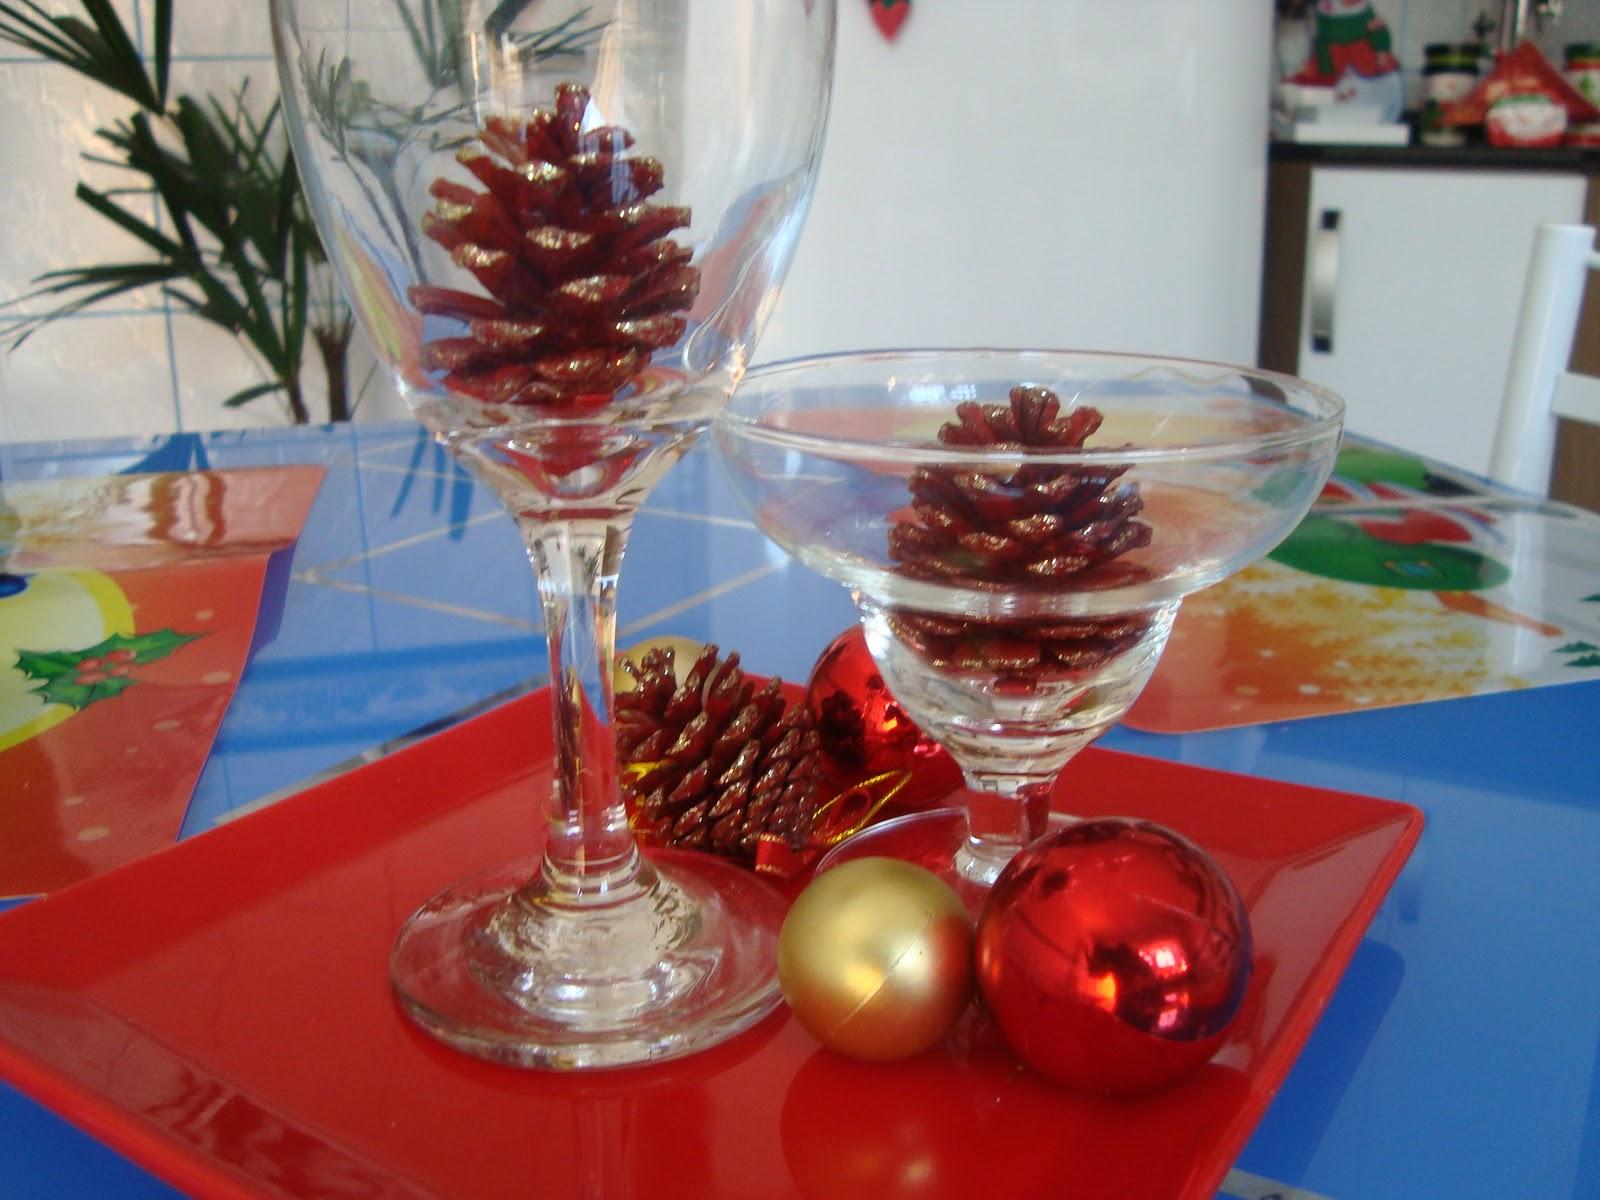 decoracao cozinha natal : decoracao cozinha natal:Jardim da Drika: Decoração de Natal da cozinha